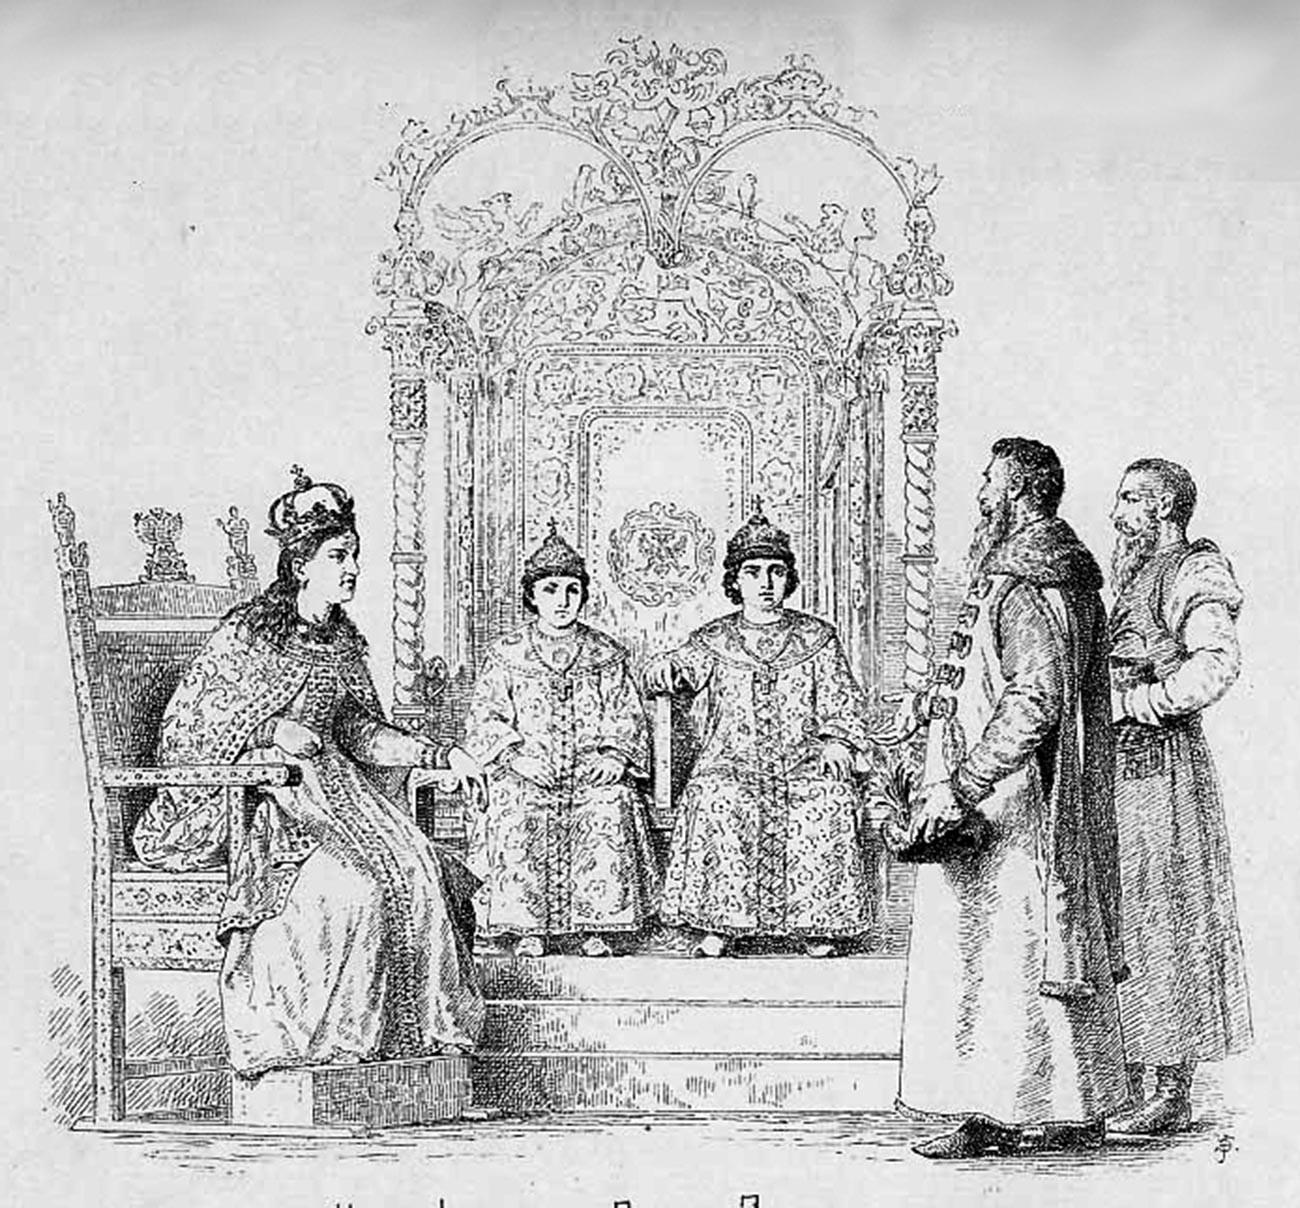 Die Zaren Iwan und Peter und die Regentin Sophia